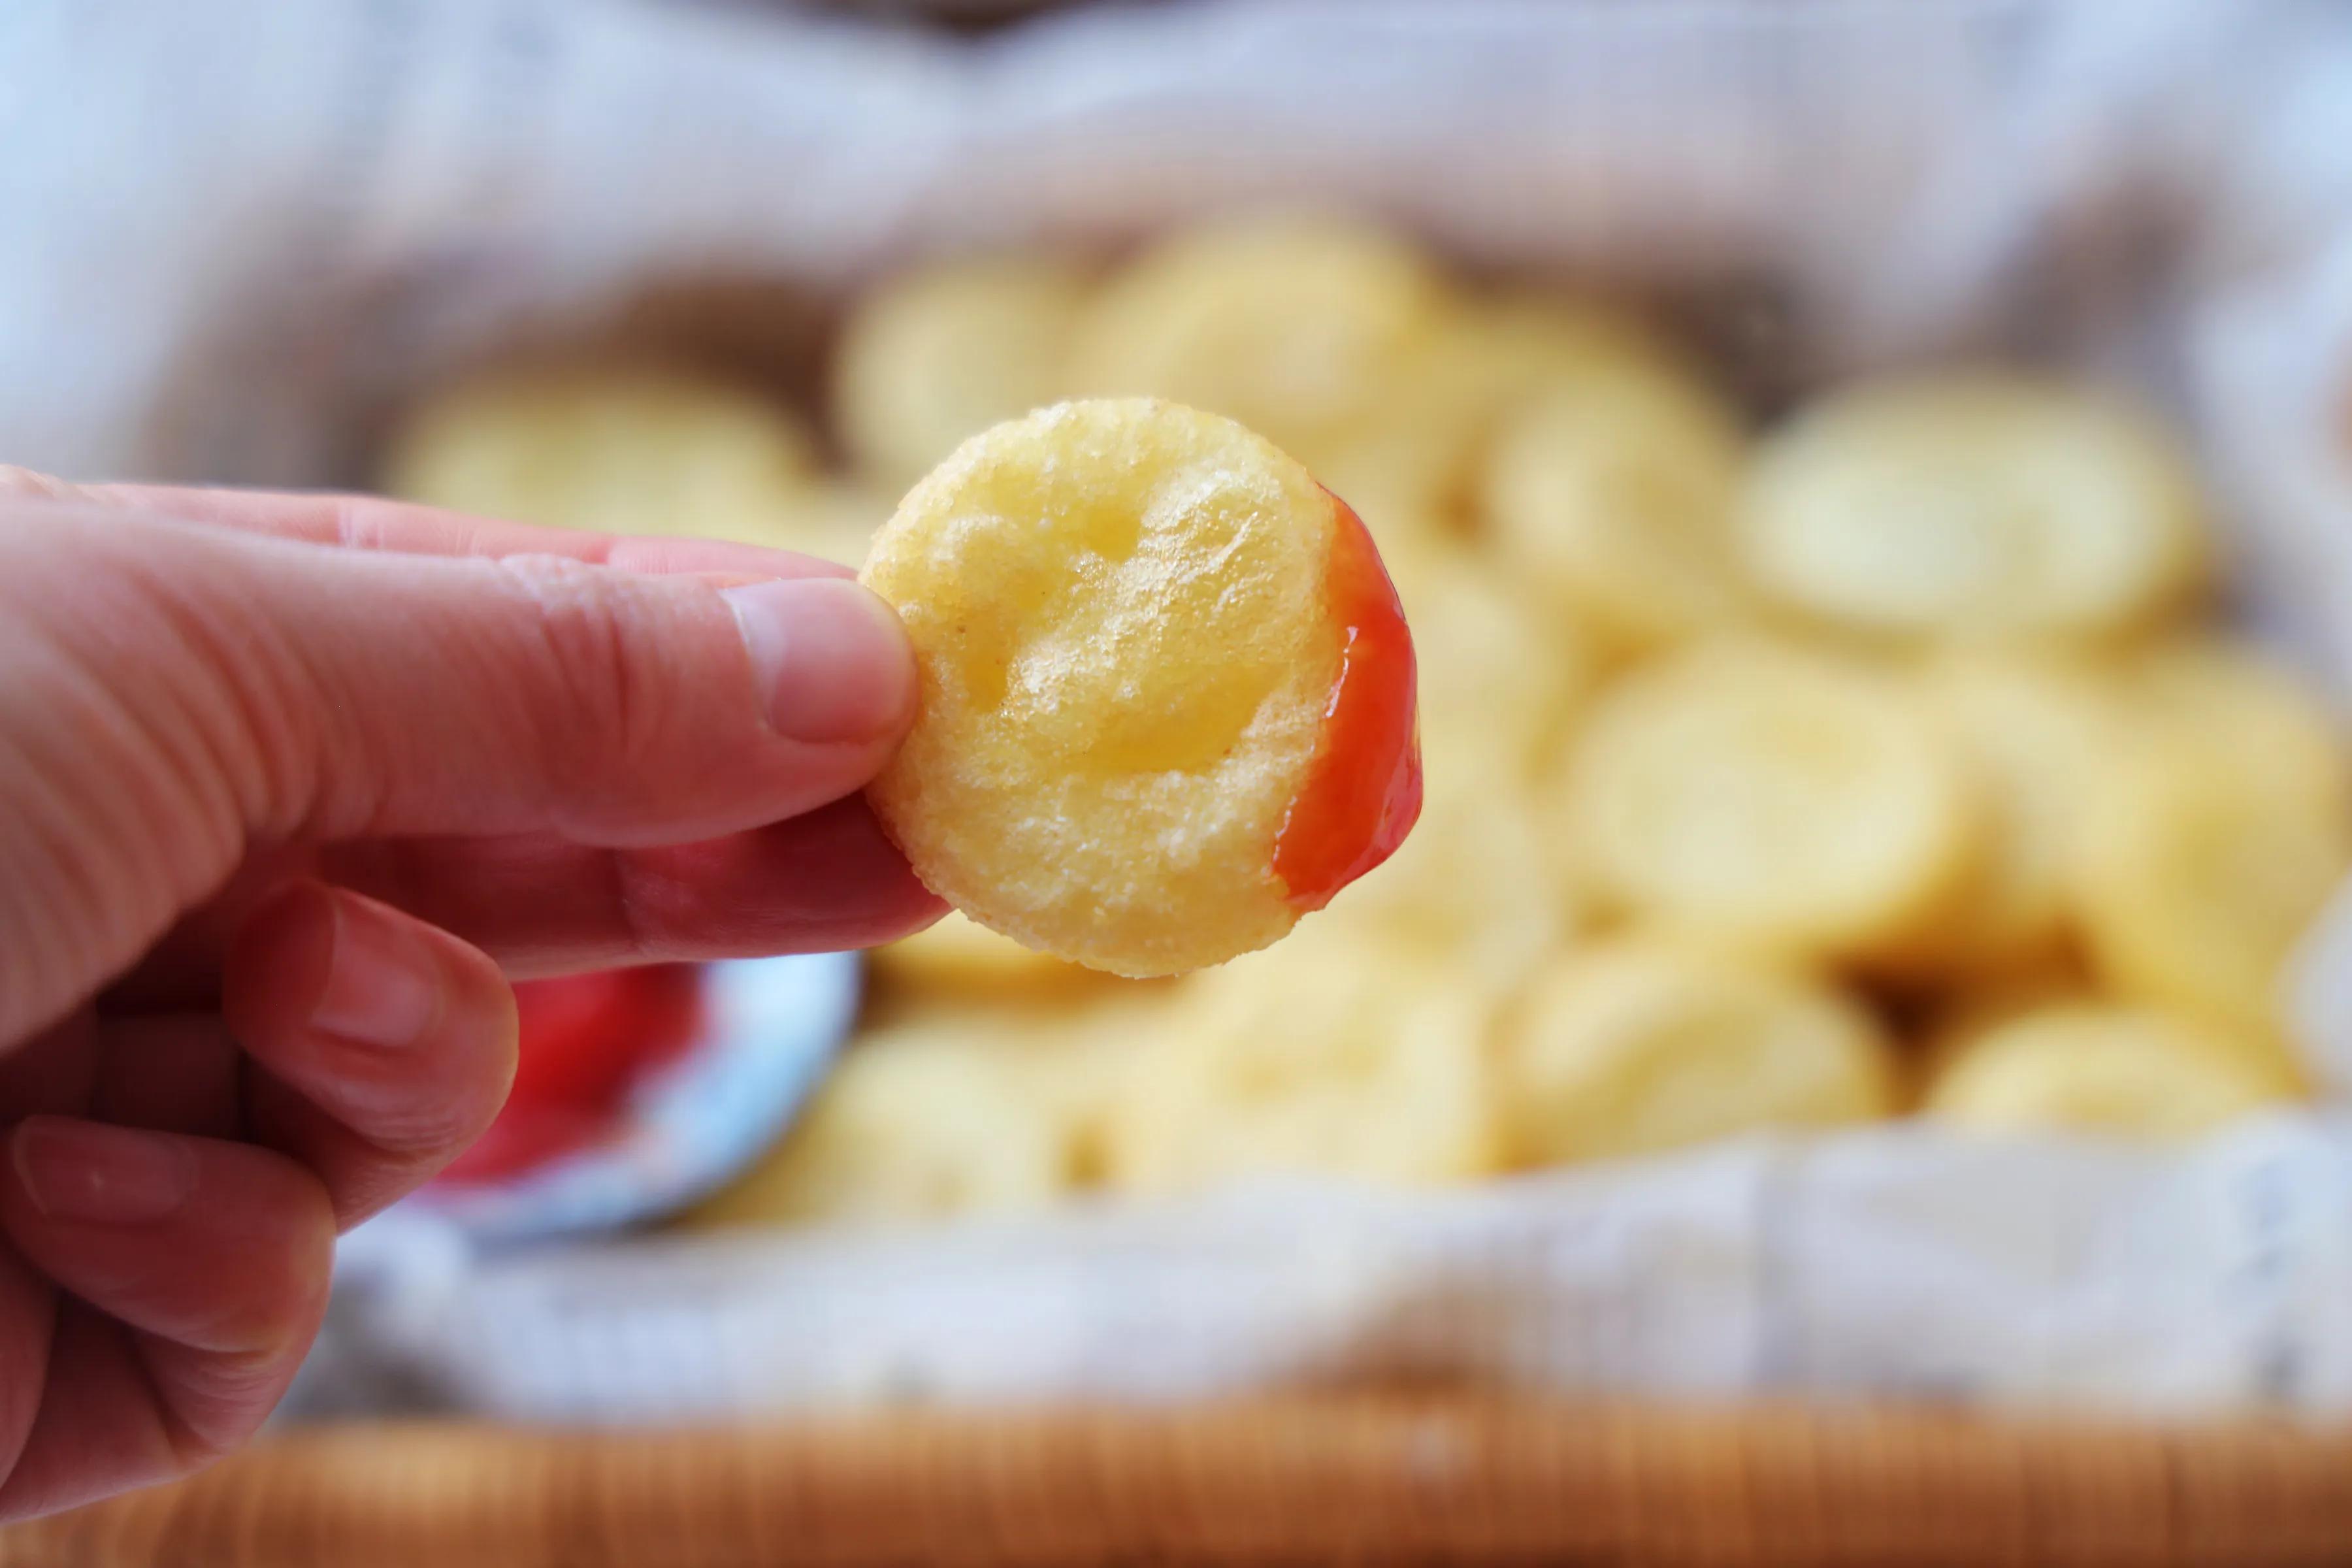 飯店的笑臉土豆,原來是這樣做的,特簡單,一口一個真好吃!